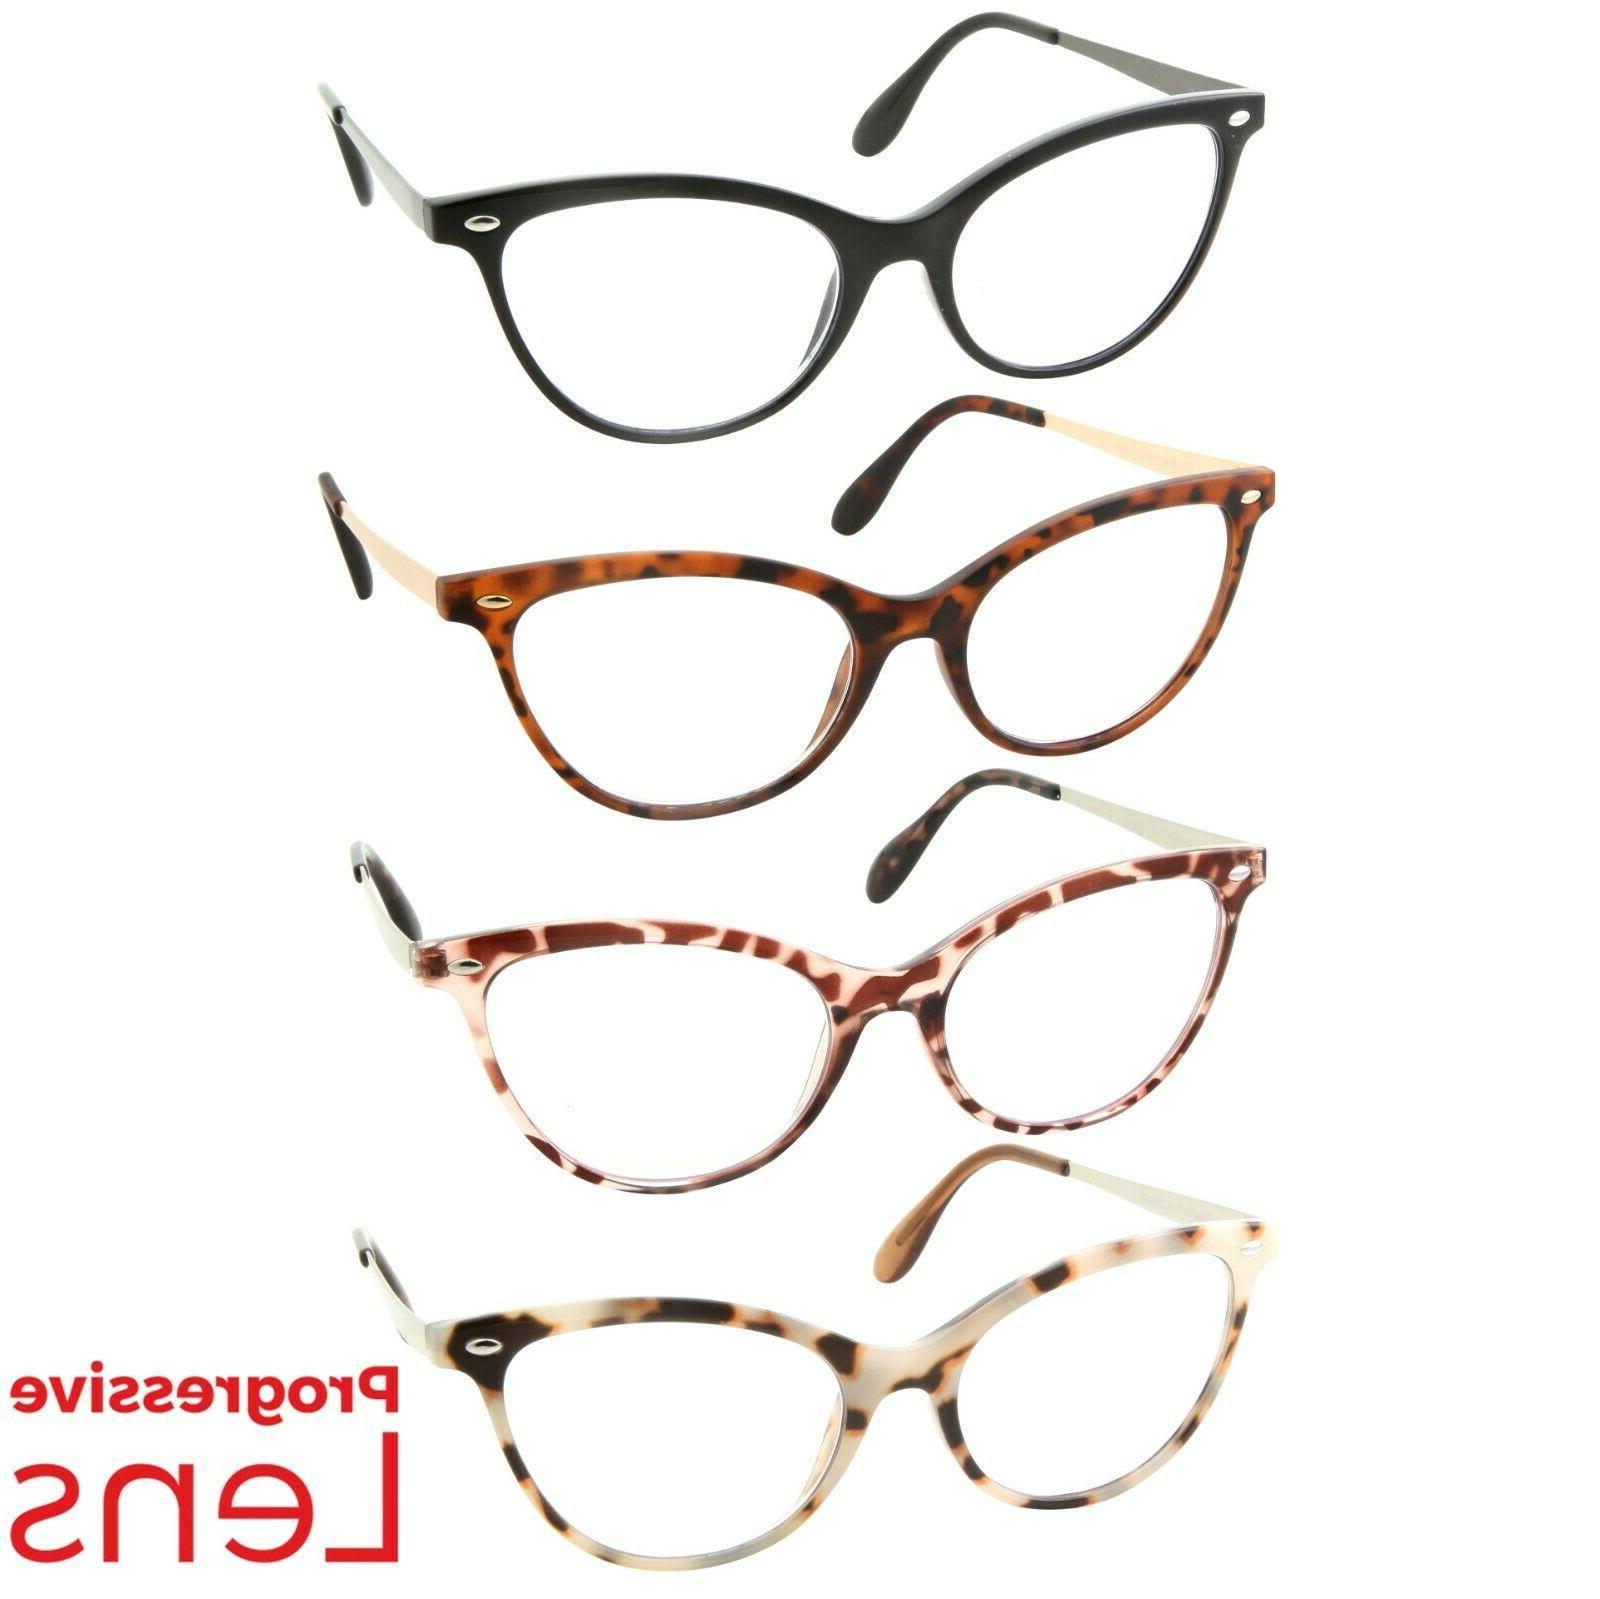 cat eye progressive reading glasses 3 strengths